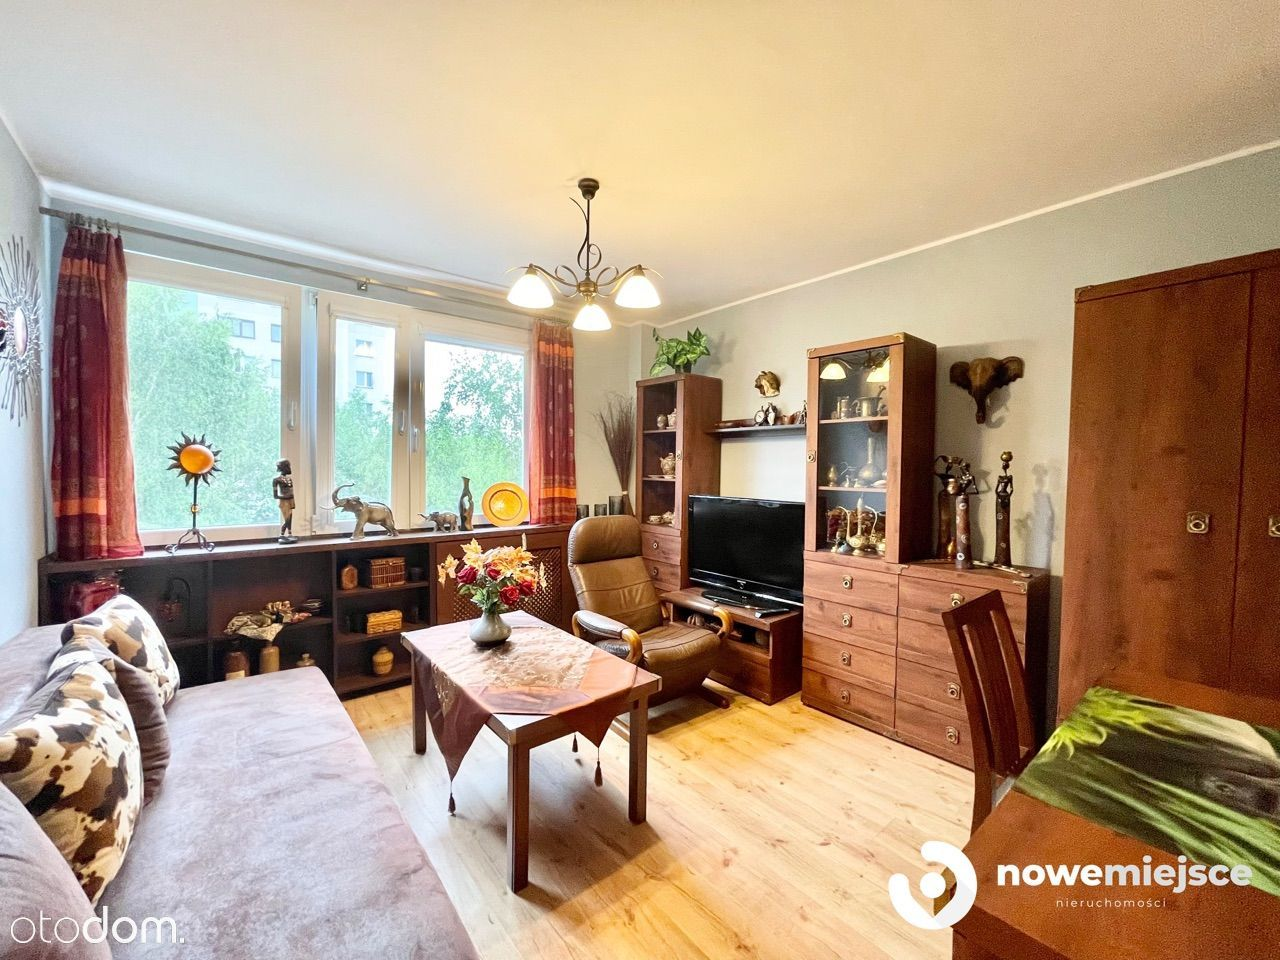 Ładne 3 pokojowe mieszkanie z loggią, umeblowane